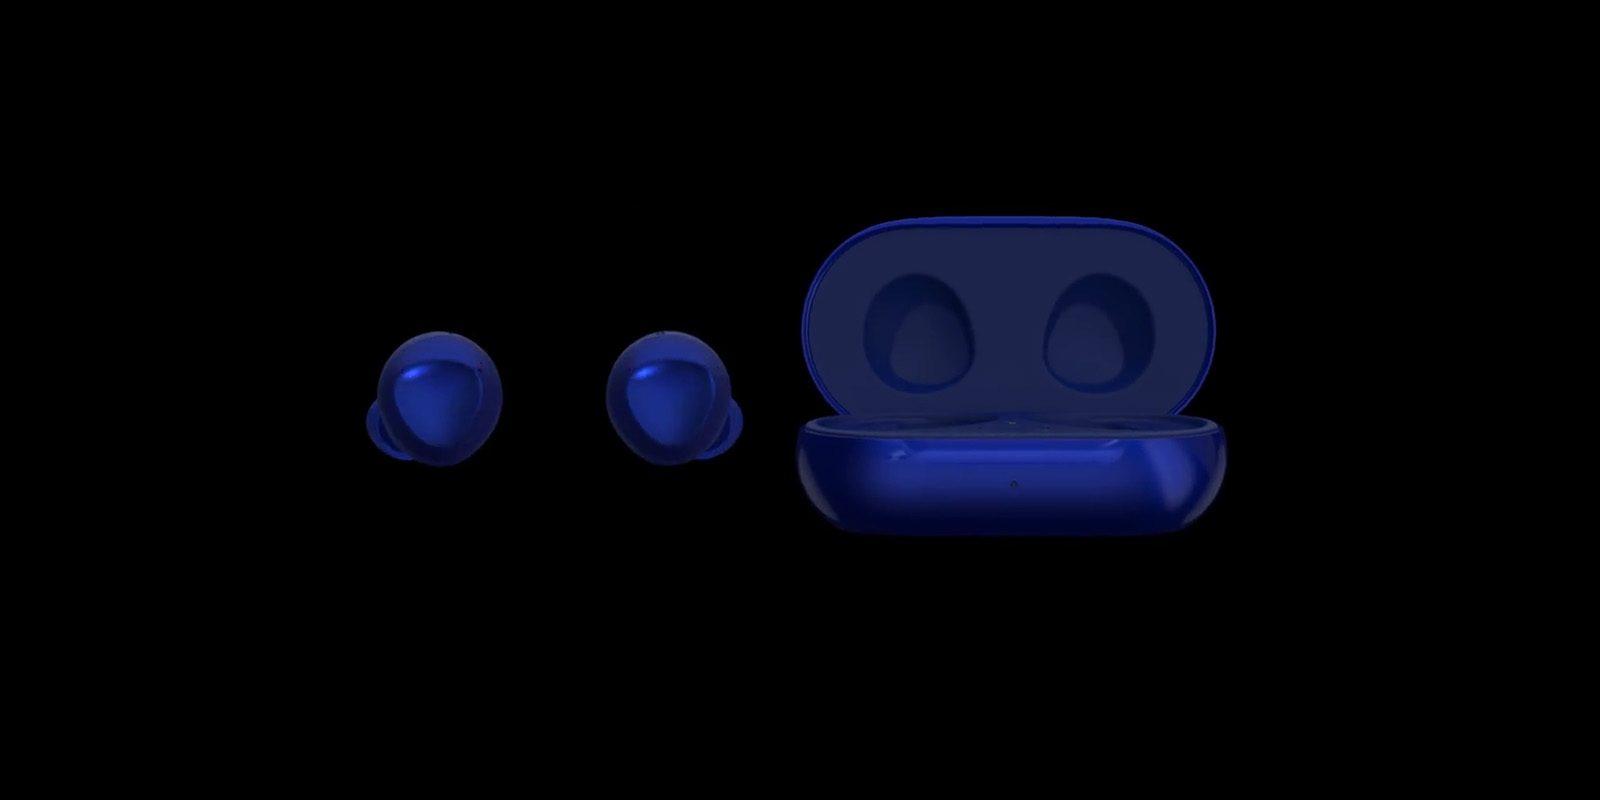 Samsung Galaxy Buds + sẽ sớm nhận được biến thể màu 'Deep Blue' 1